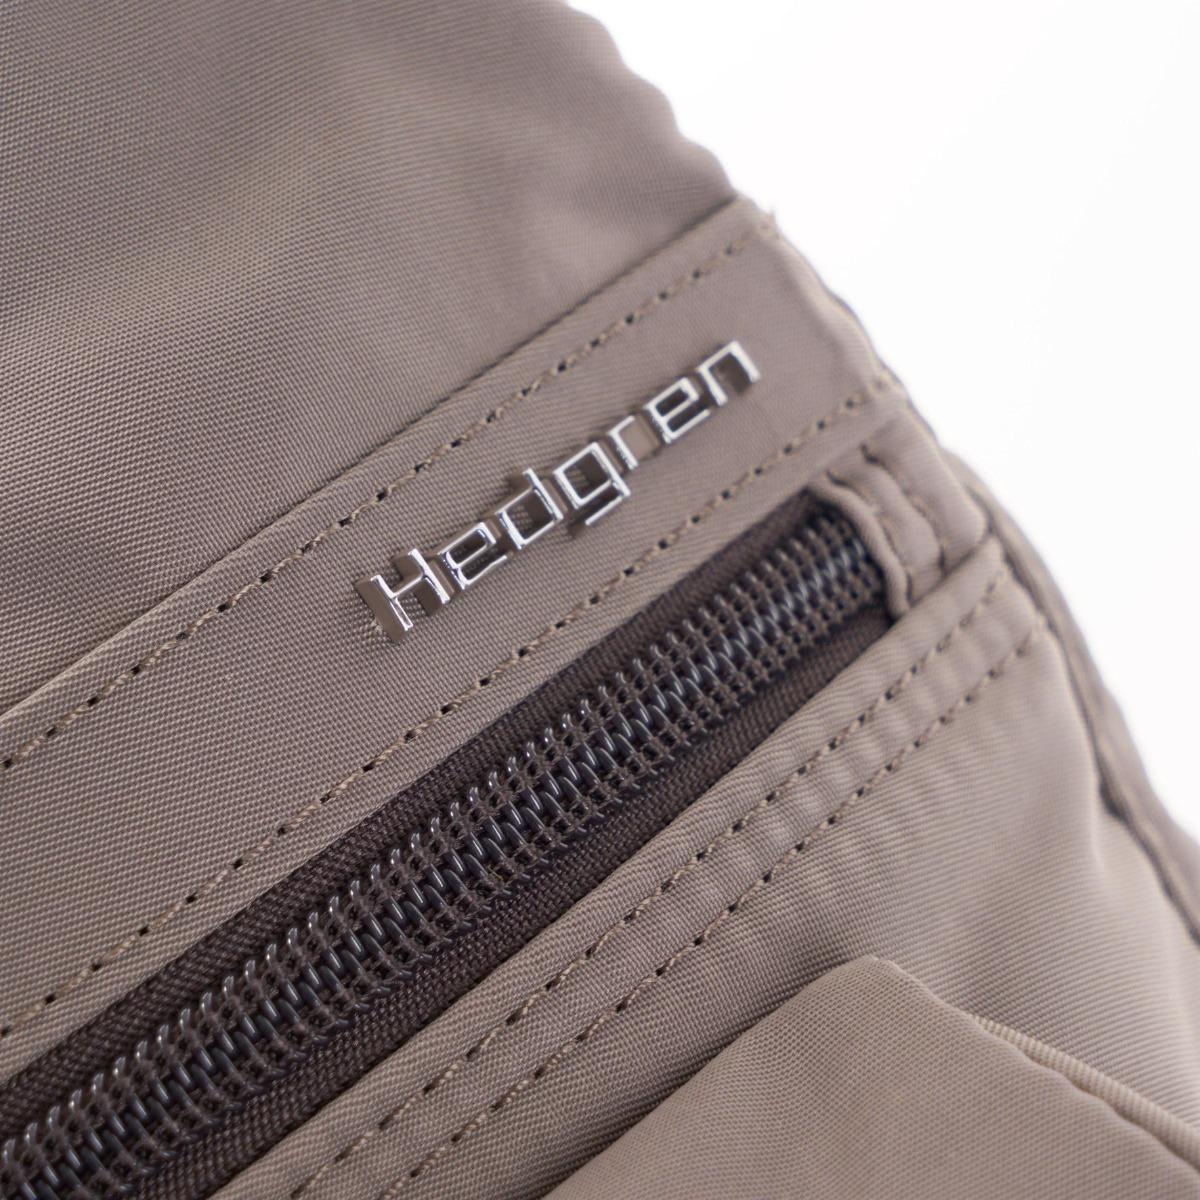 Hedgren Shoulderbag Prarie RFID Sepia brown Tone on Tone Taška Hedgren Prarie patrí do ikonickej kolekcie Inner city, ktorá nadčasovým designom, odolným materiálom a praktickosťou dobýva európsky trh.  - hlavné vrecko s organizérom na zips - vrecko na smartphone - vnútorná kapsička na zips s RFID ochranou proti krádeži citlivých dát na bezkontaktných kartách - vodoodolný materiál - kovové logo na prednej časti - tri predné vrecká na zips - jedno zadné vrecko na zips - nastaviteľný ramenný popruh